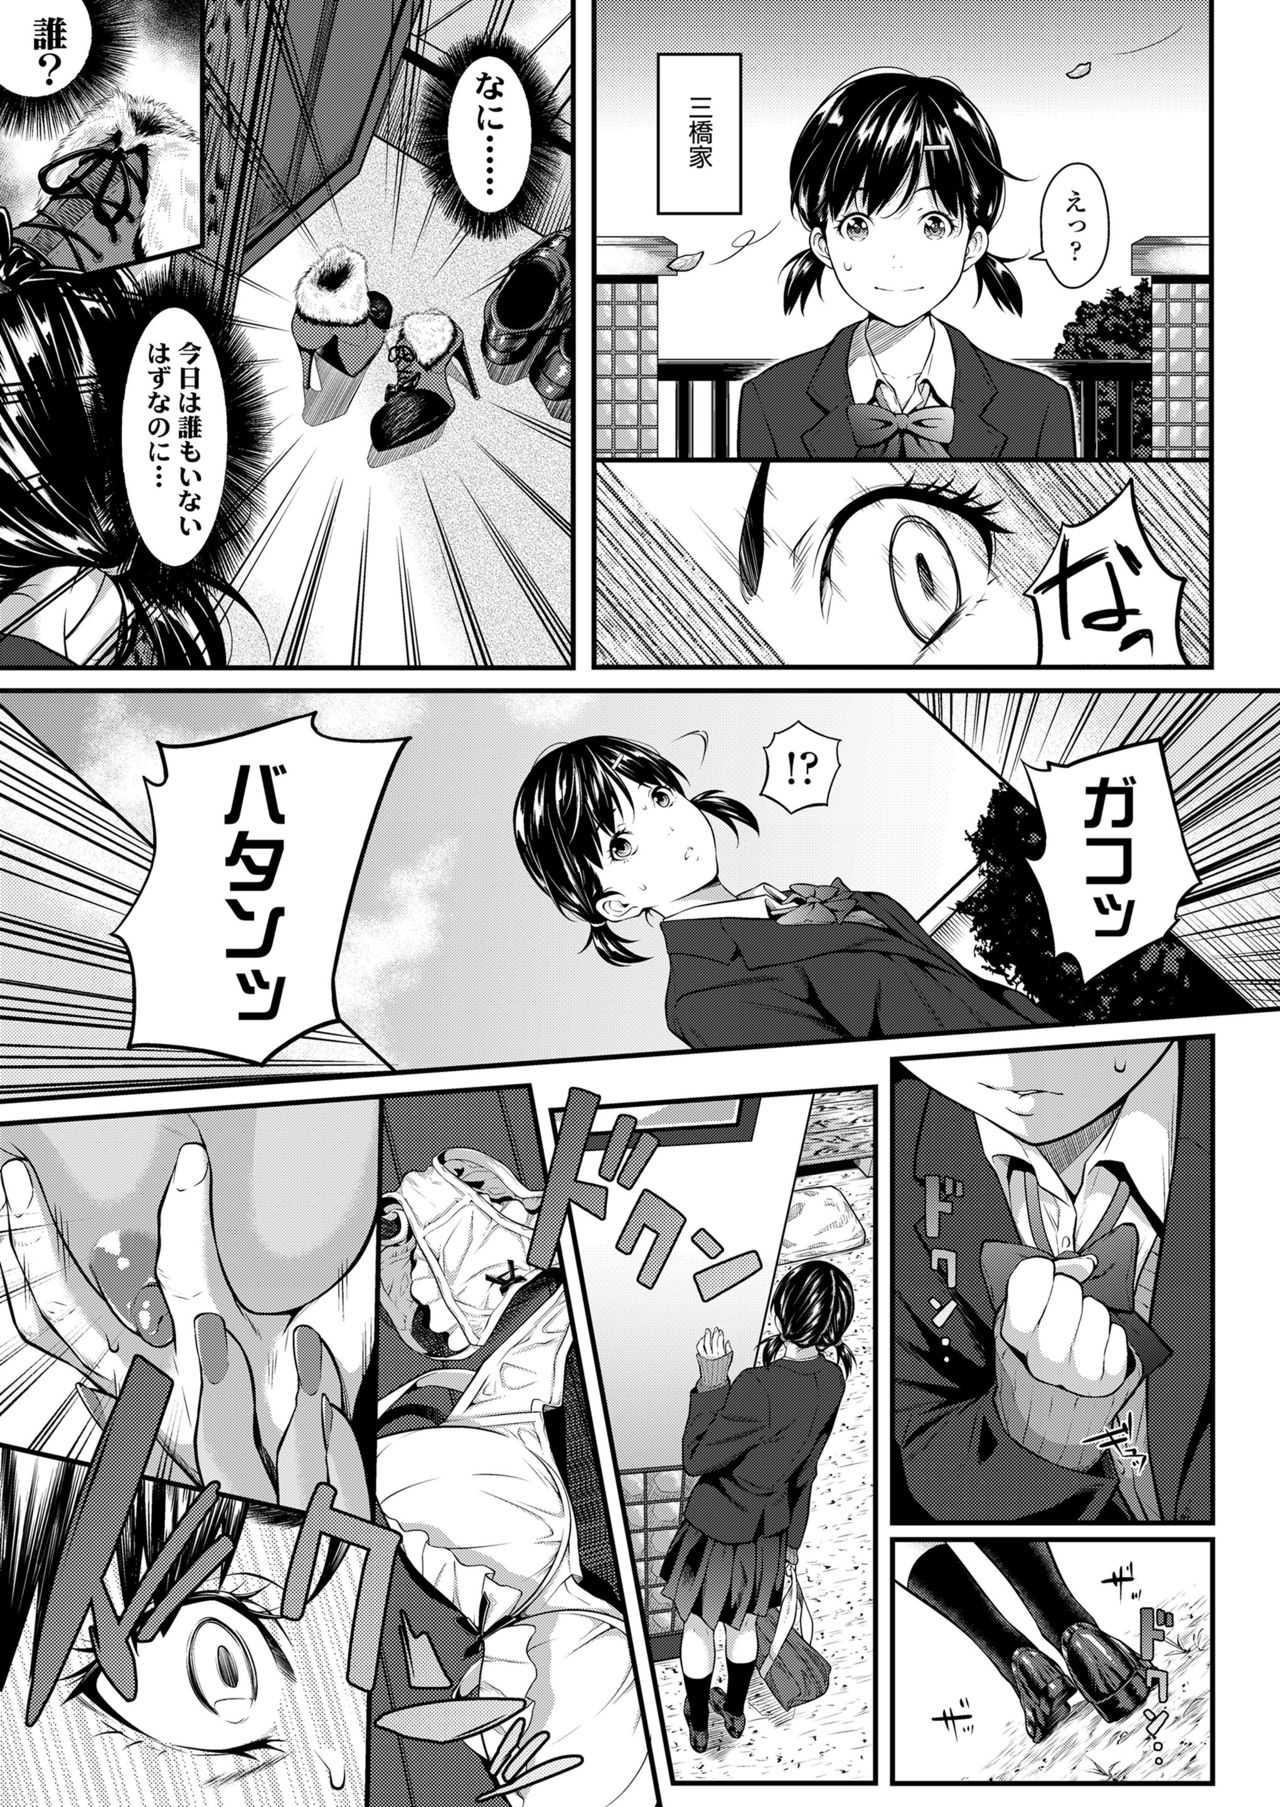 【エロ漫画】彼氏の浮気疑惑に心を痛める清楚系JK…鬼畜男に目を付けられ寝取られるwww【二峰跨人:挿れたいのは別のひと】